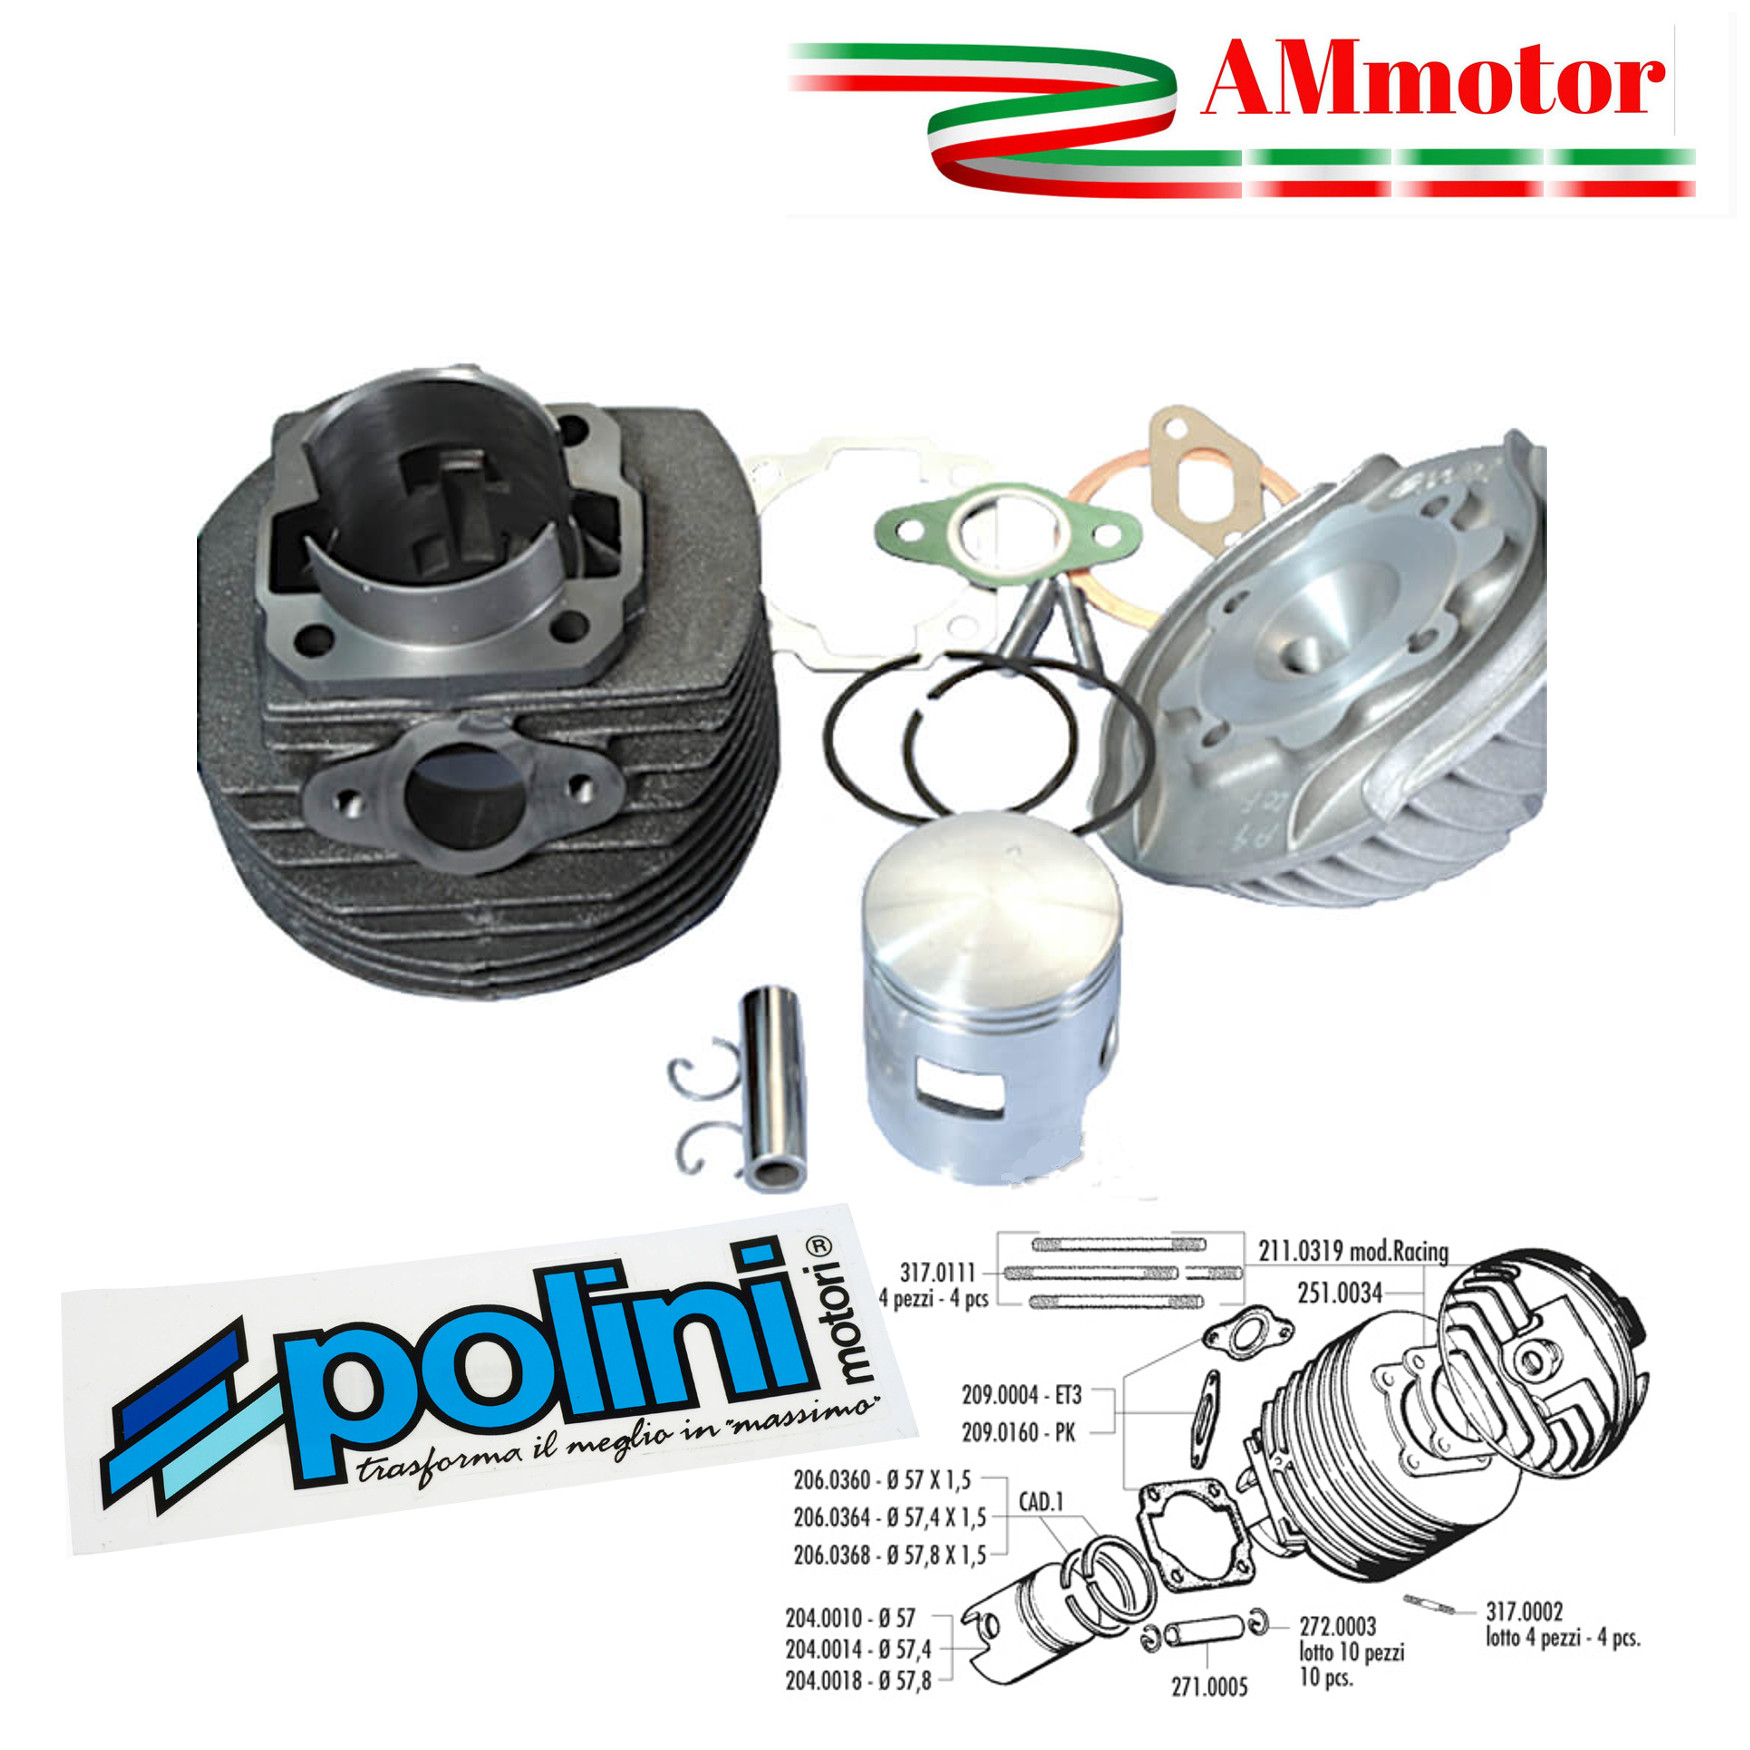 Semoic Pompa del Carburante Elettrica Universale Automobilistica con Kit di Installazione E8016S